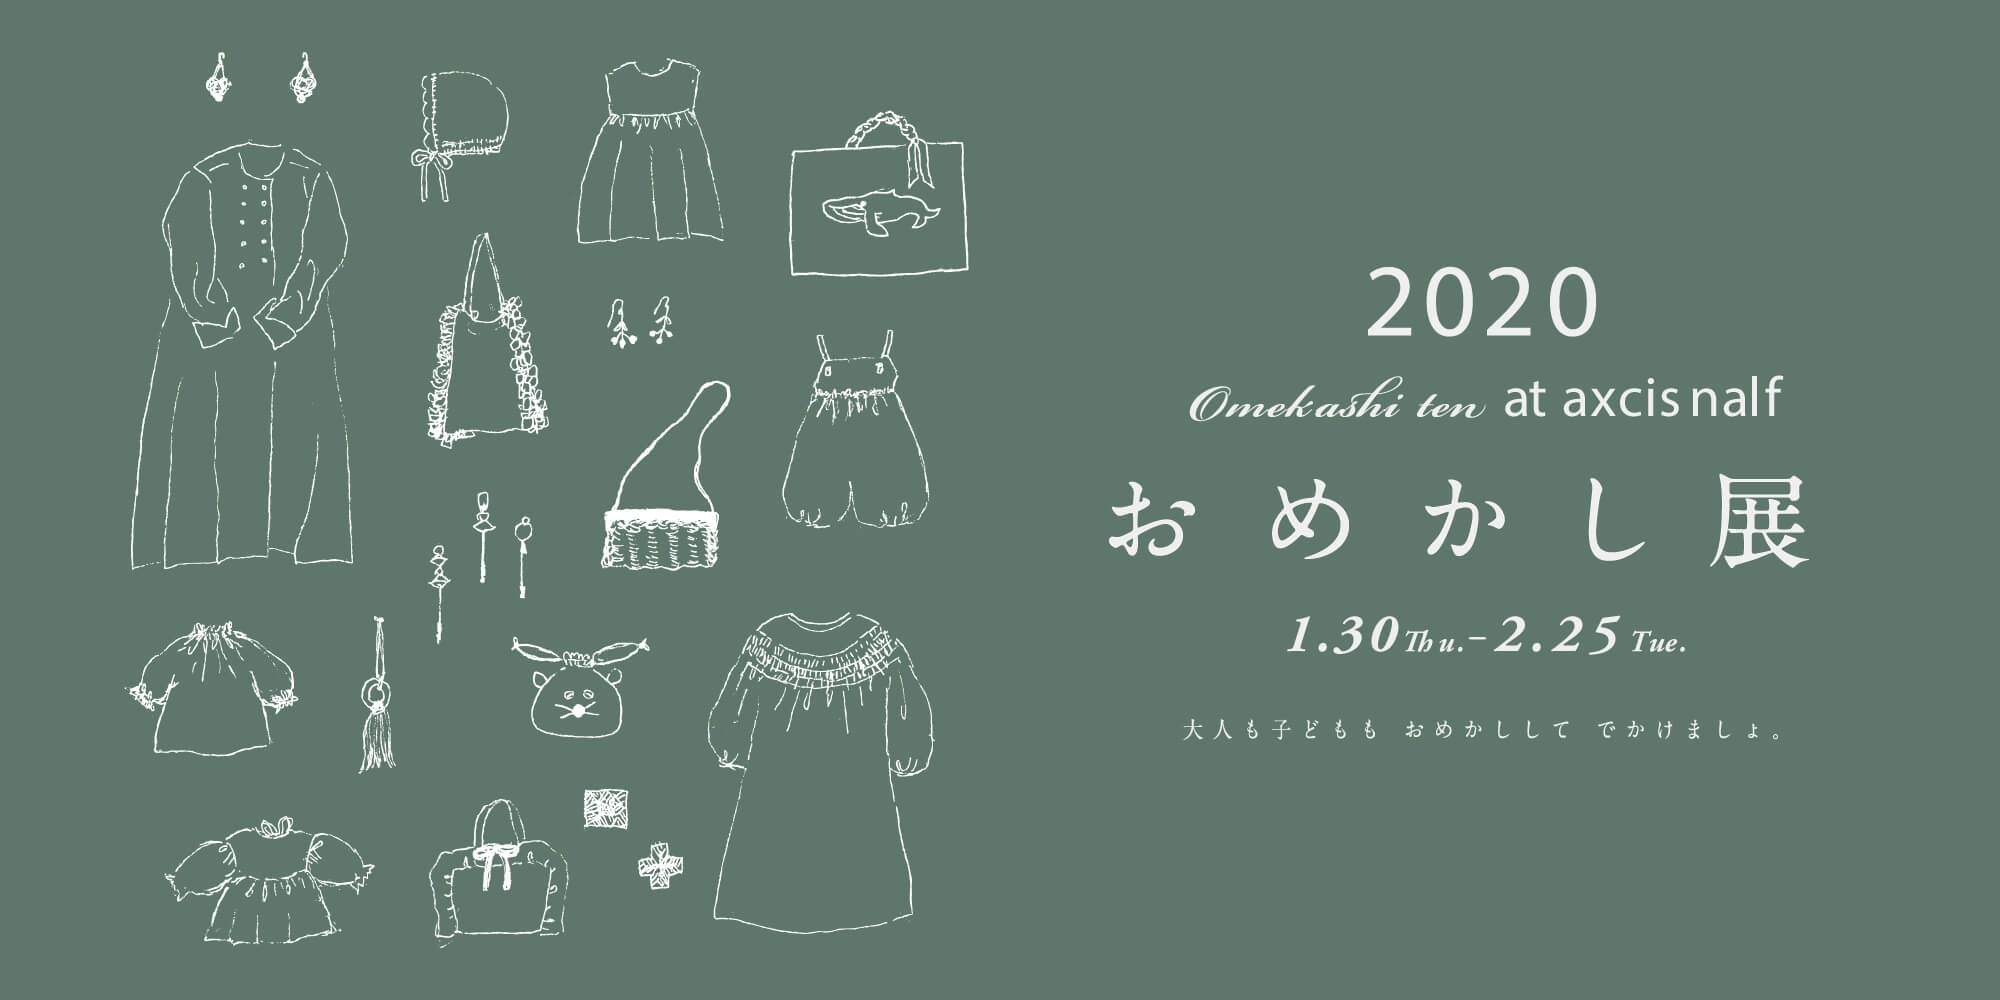 おめかし展 2020のイベント情報を掲載しました。